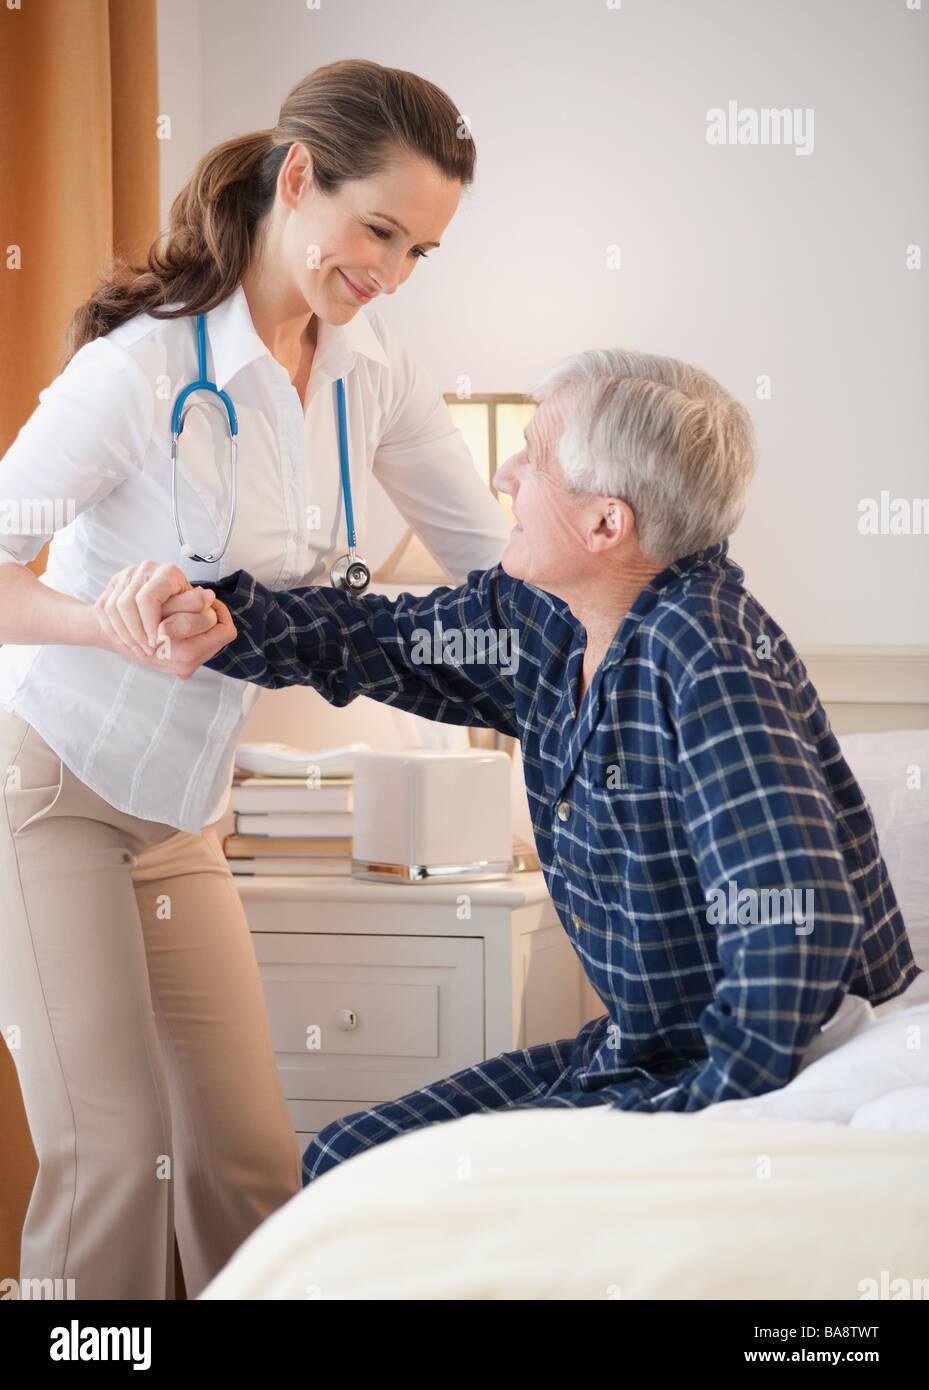 Nurse helping senior man out of man - Stock Image